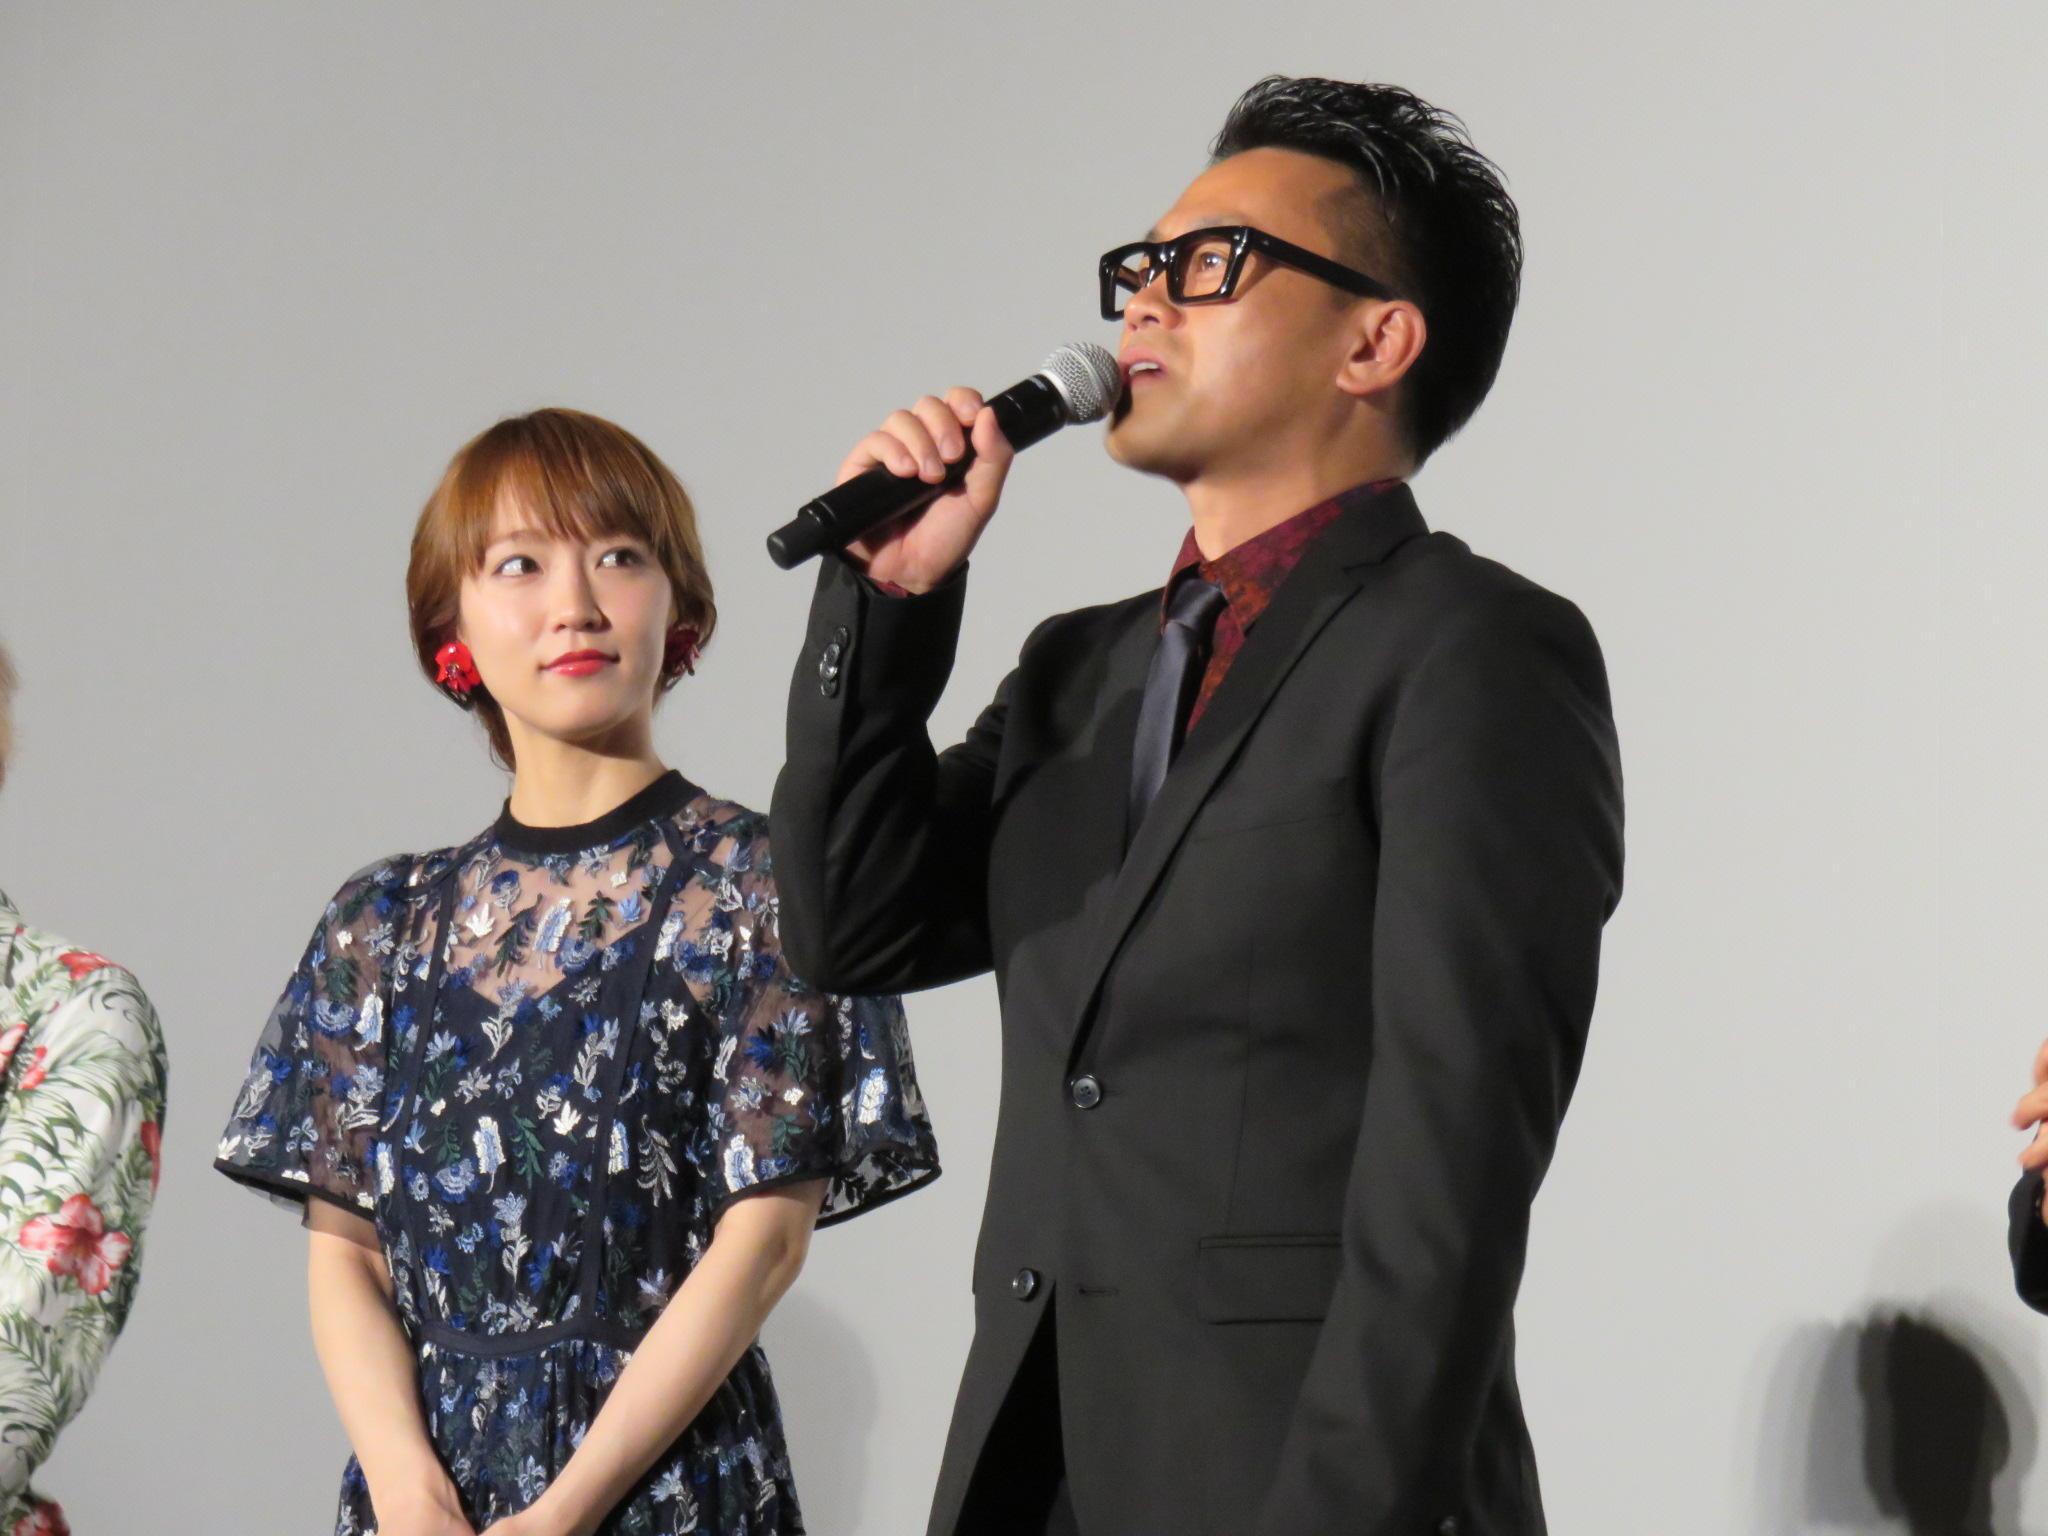 http://news.yoshimoto.co.jp/20170415182304-db911733c4396019c7337332621c94cacf636cad.jpg